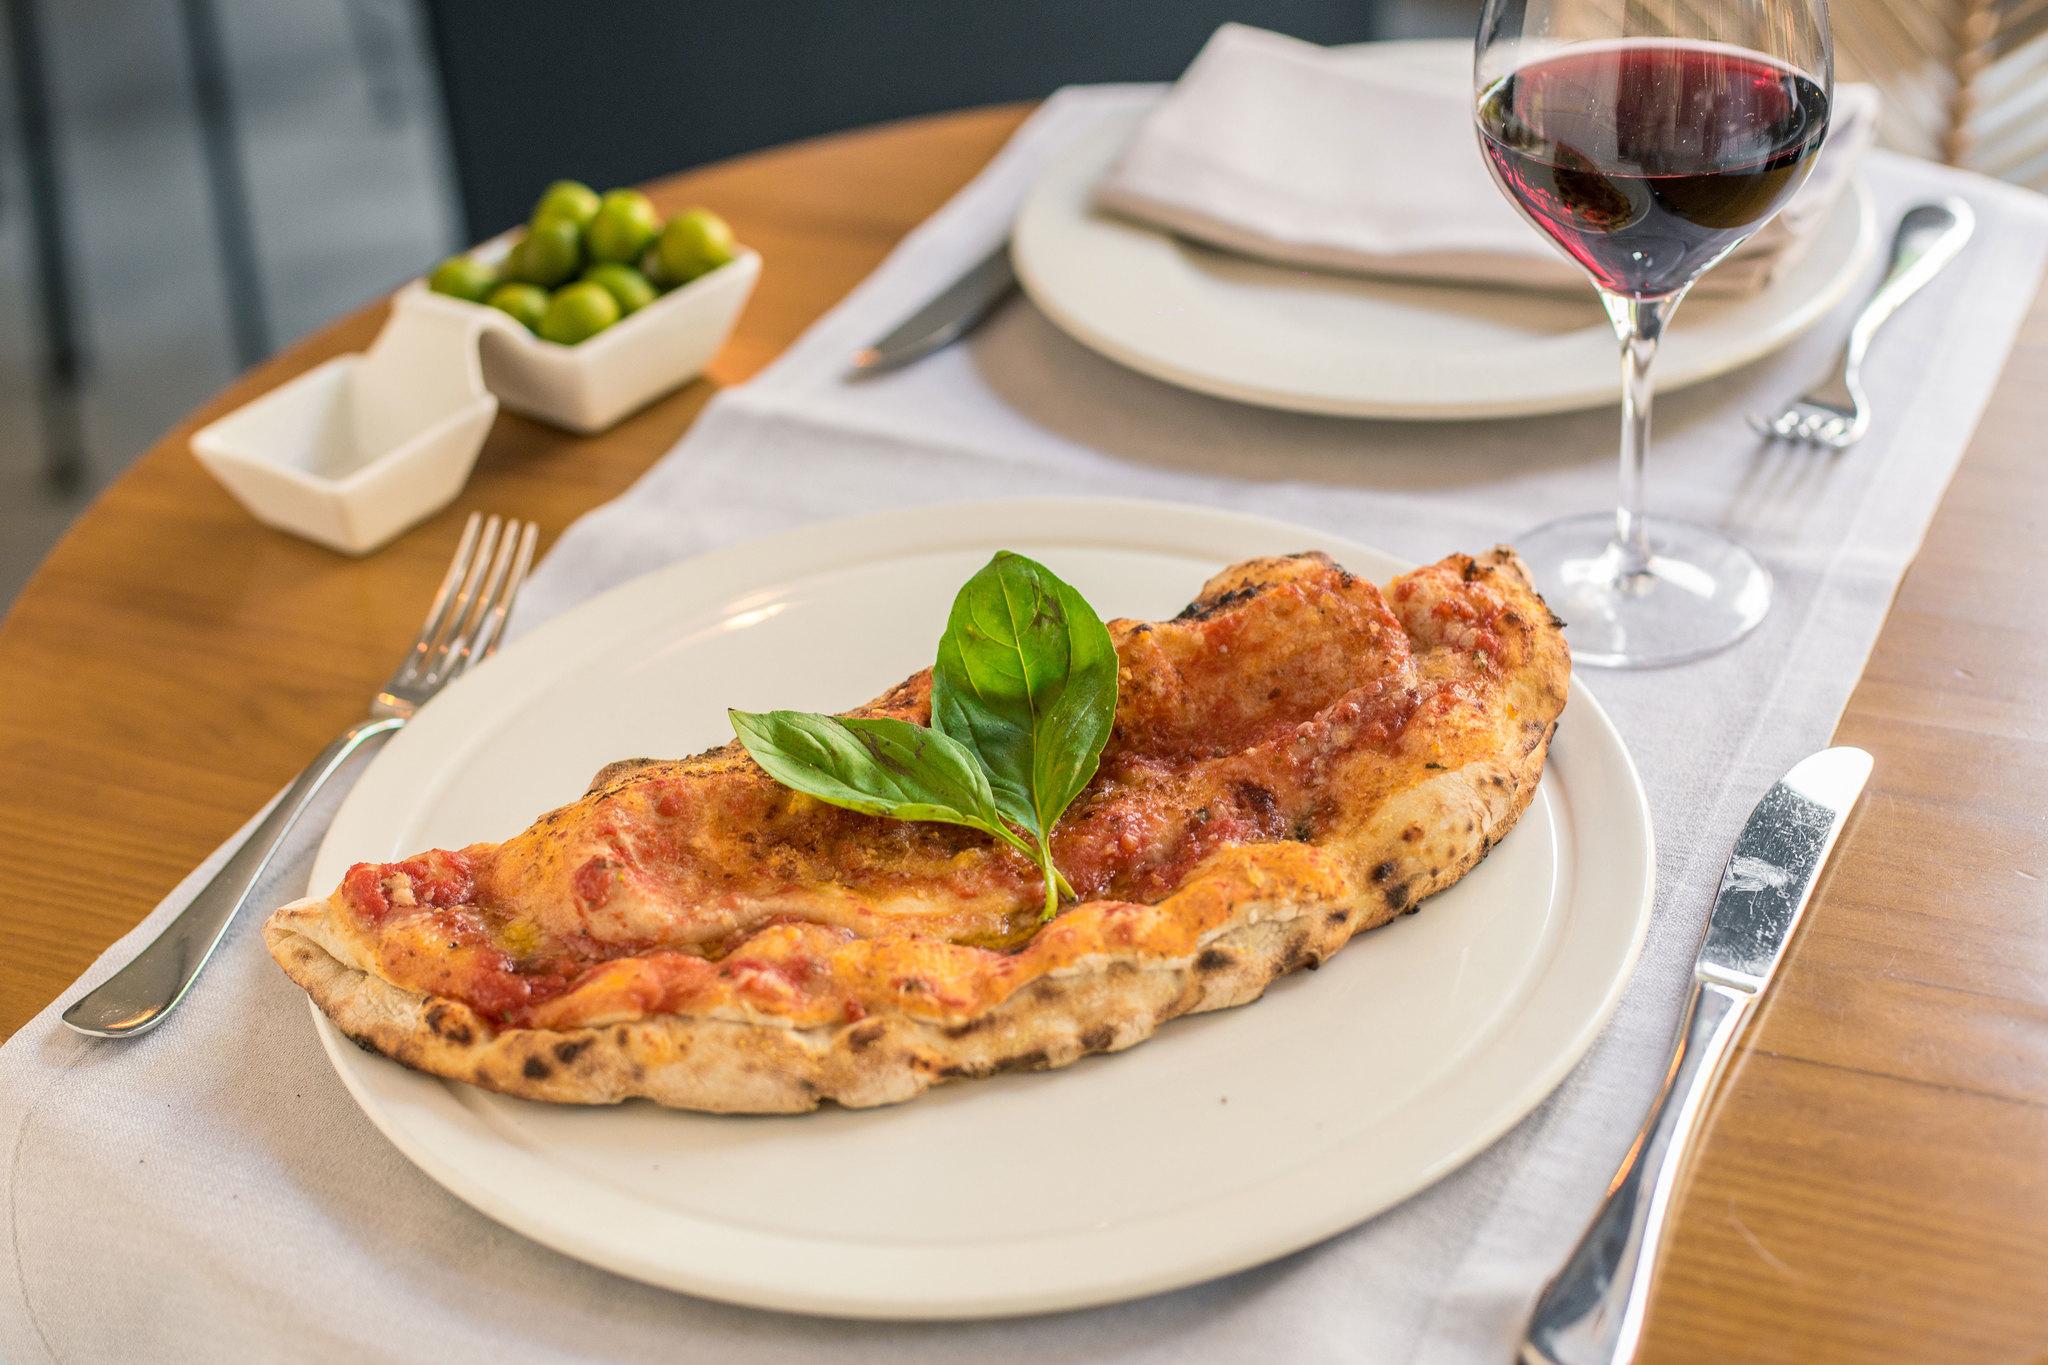 La 'Calzone', otra buena opción en Ornella